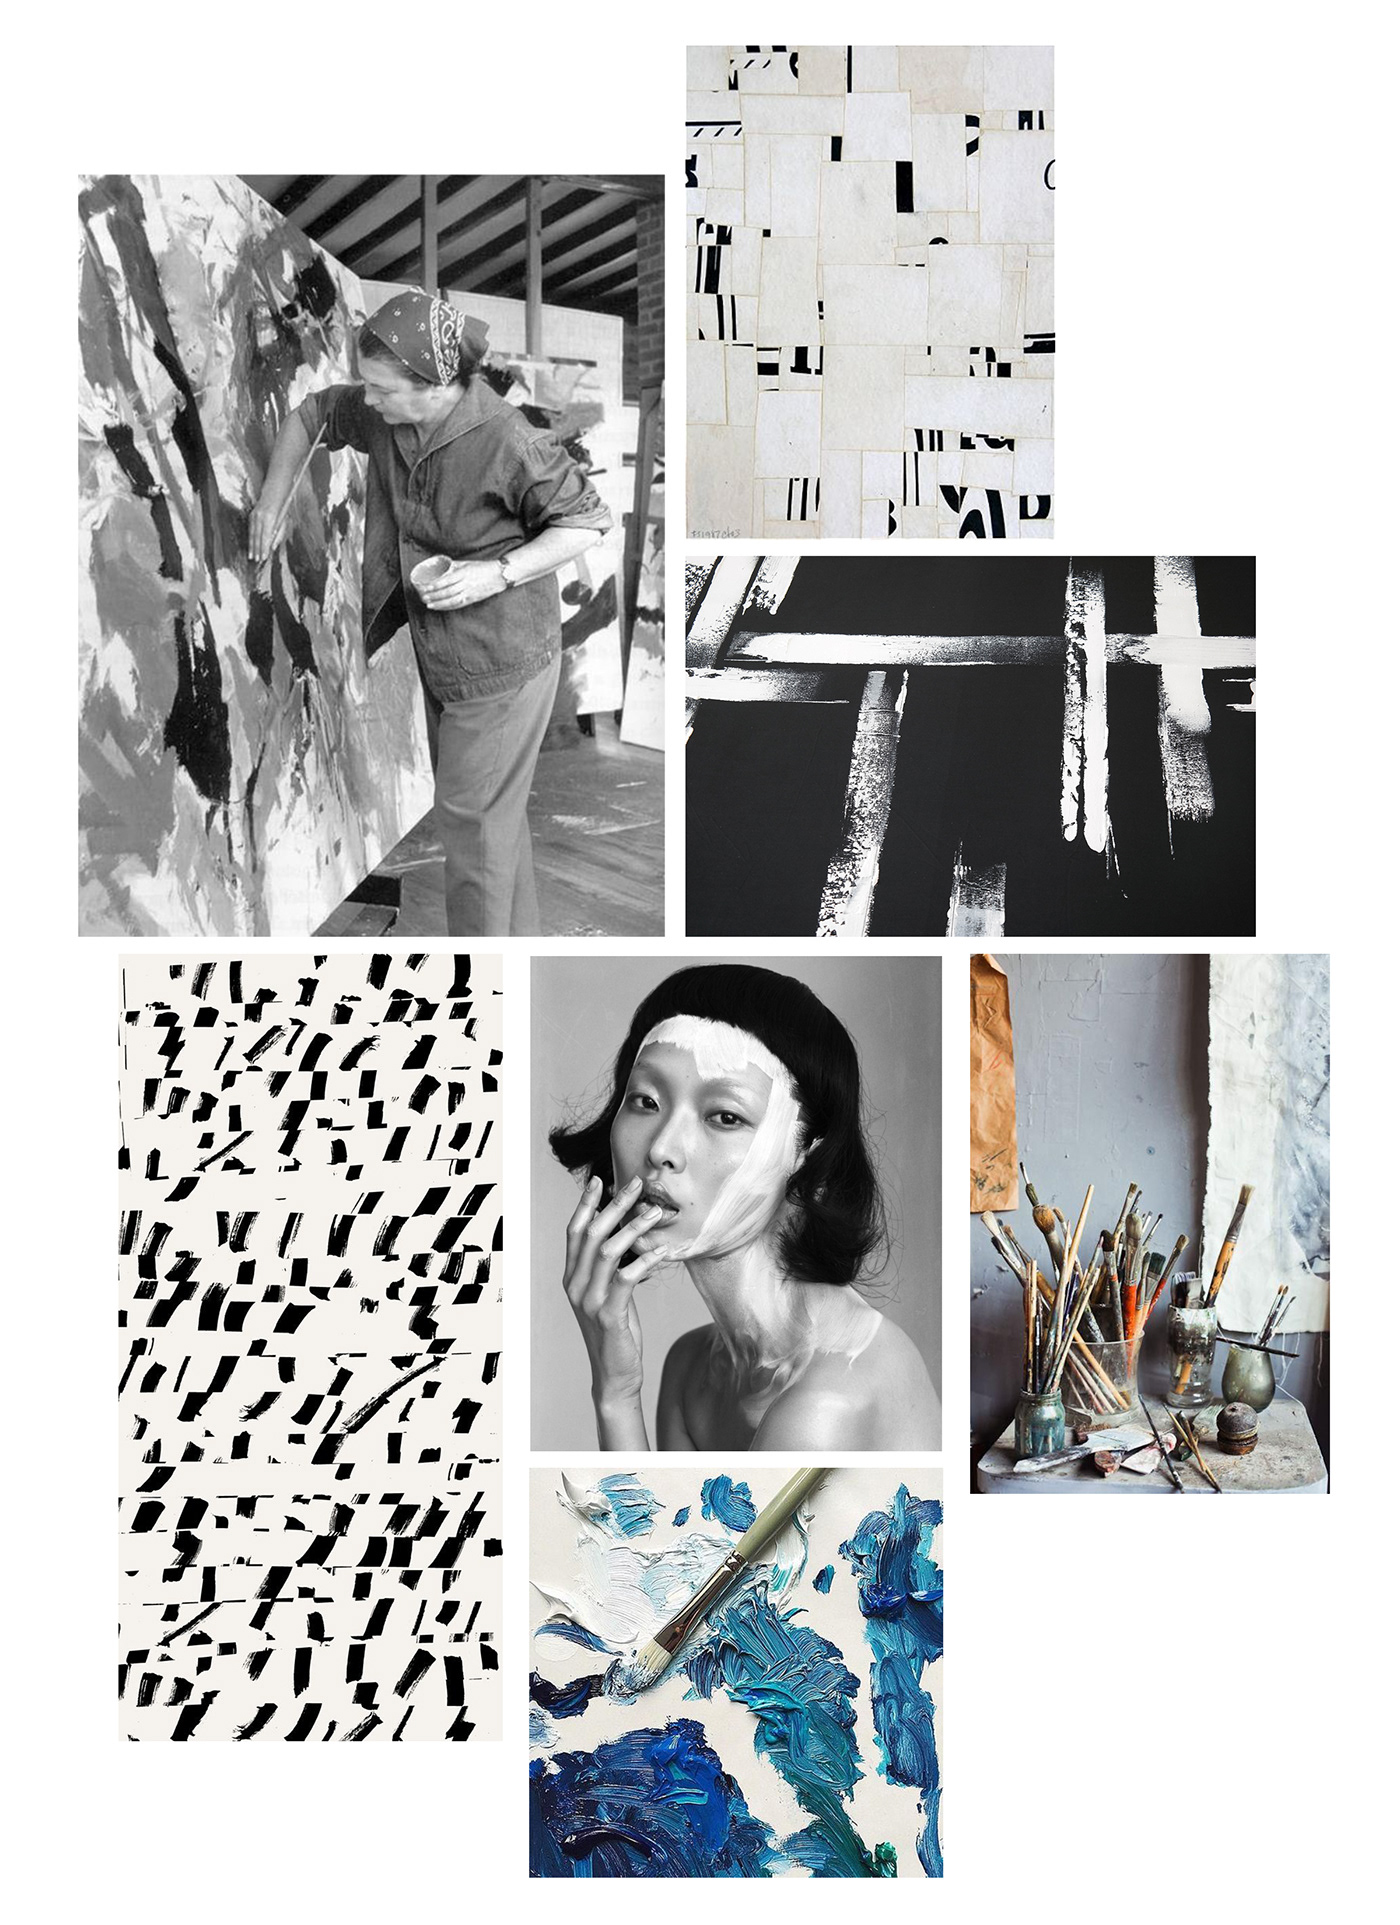 adobe,Illustrator,brush strokes,ink,brand pattern,branding ,art,brand